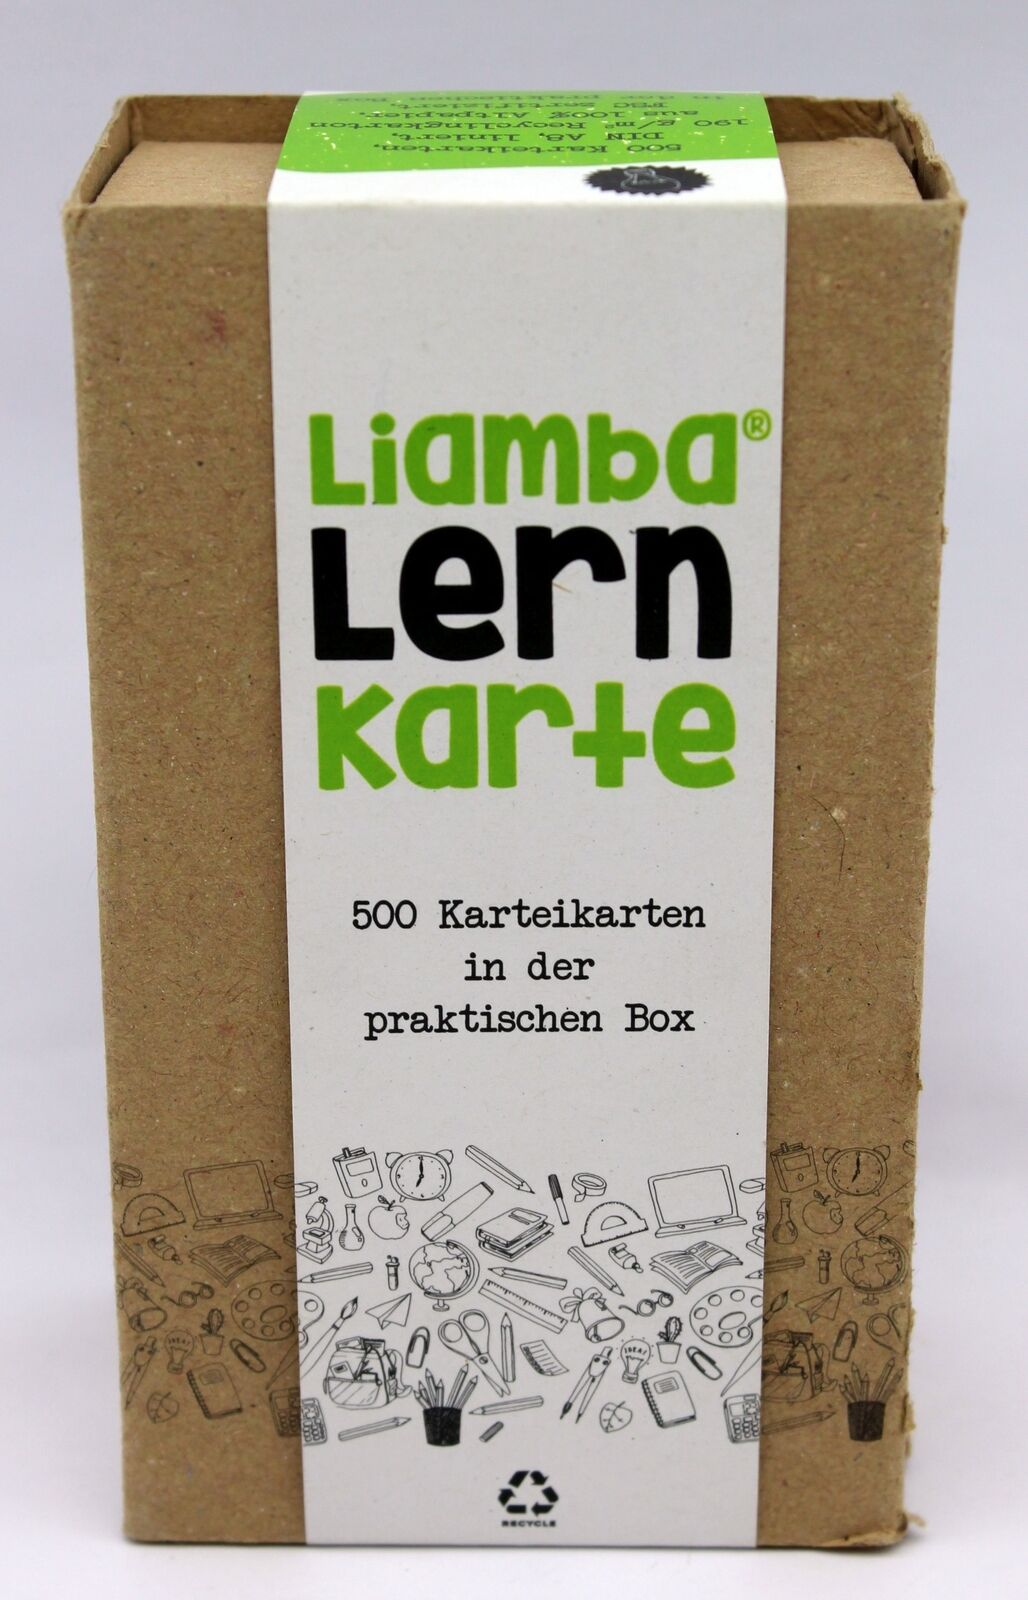 Liamba Lernkarte500 Karteikarten in der praktischen LernboxDIN A8 Format